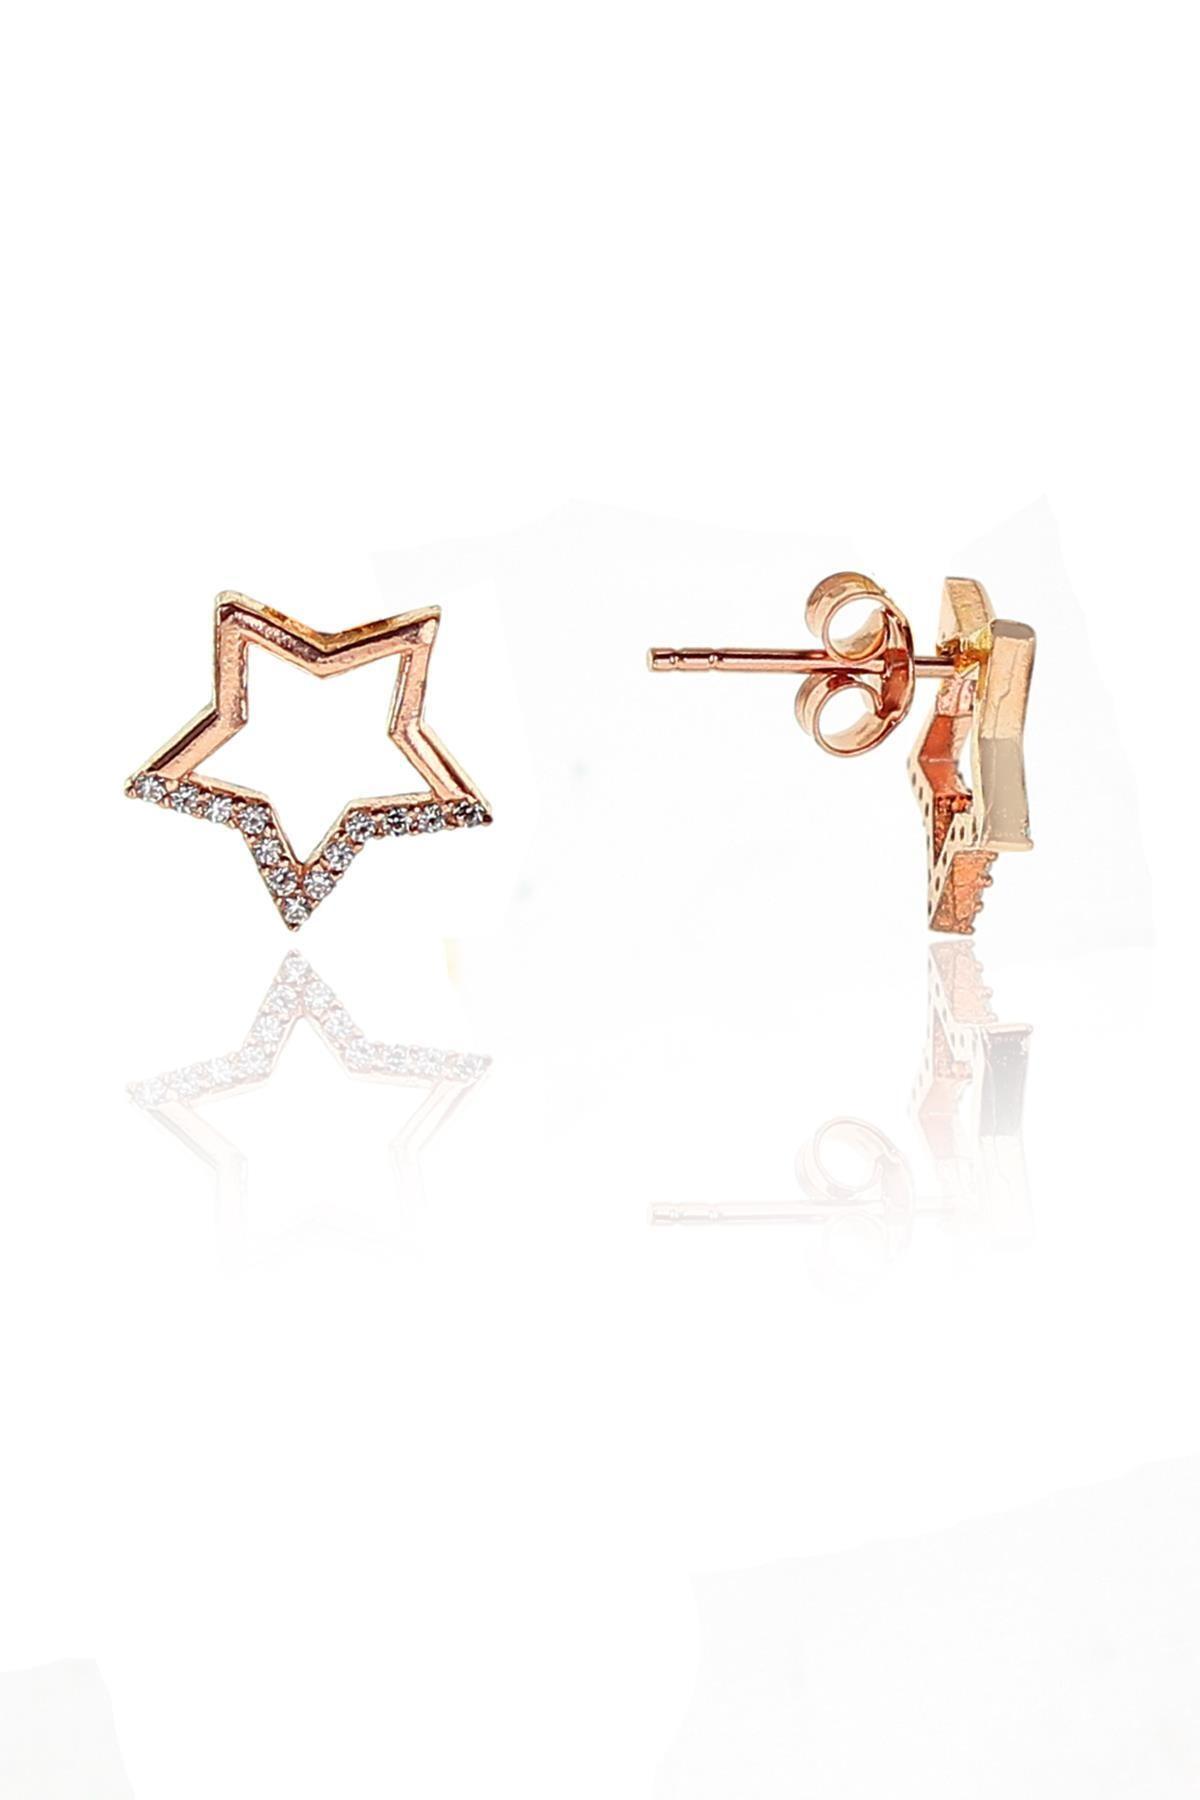 Söğütlü Silver Gümüş rose zirkon taşlı yıldız kolye ve küpe gümüş ikili set 2